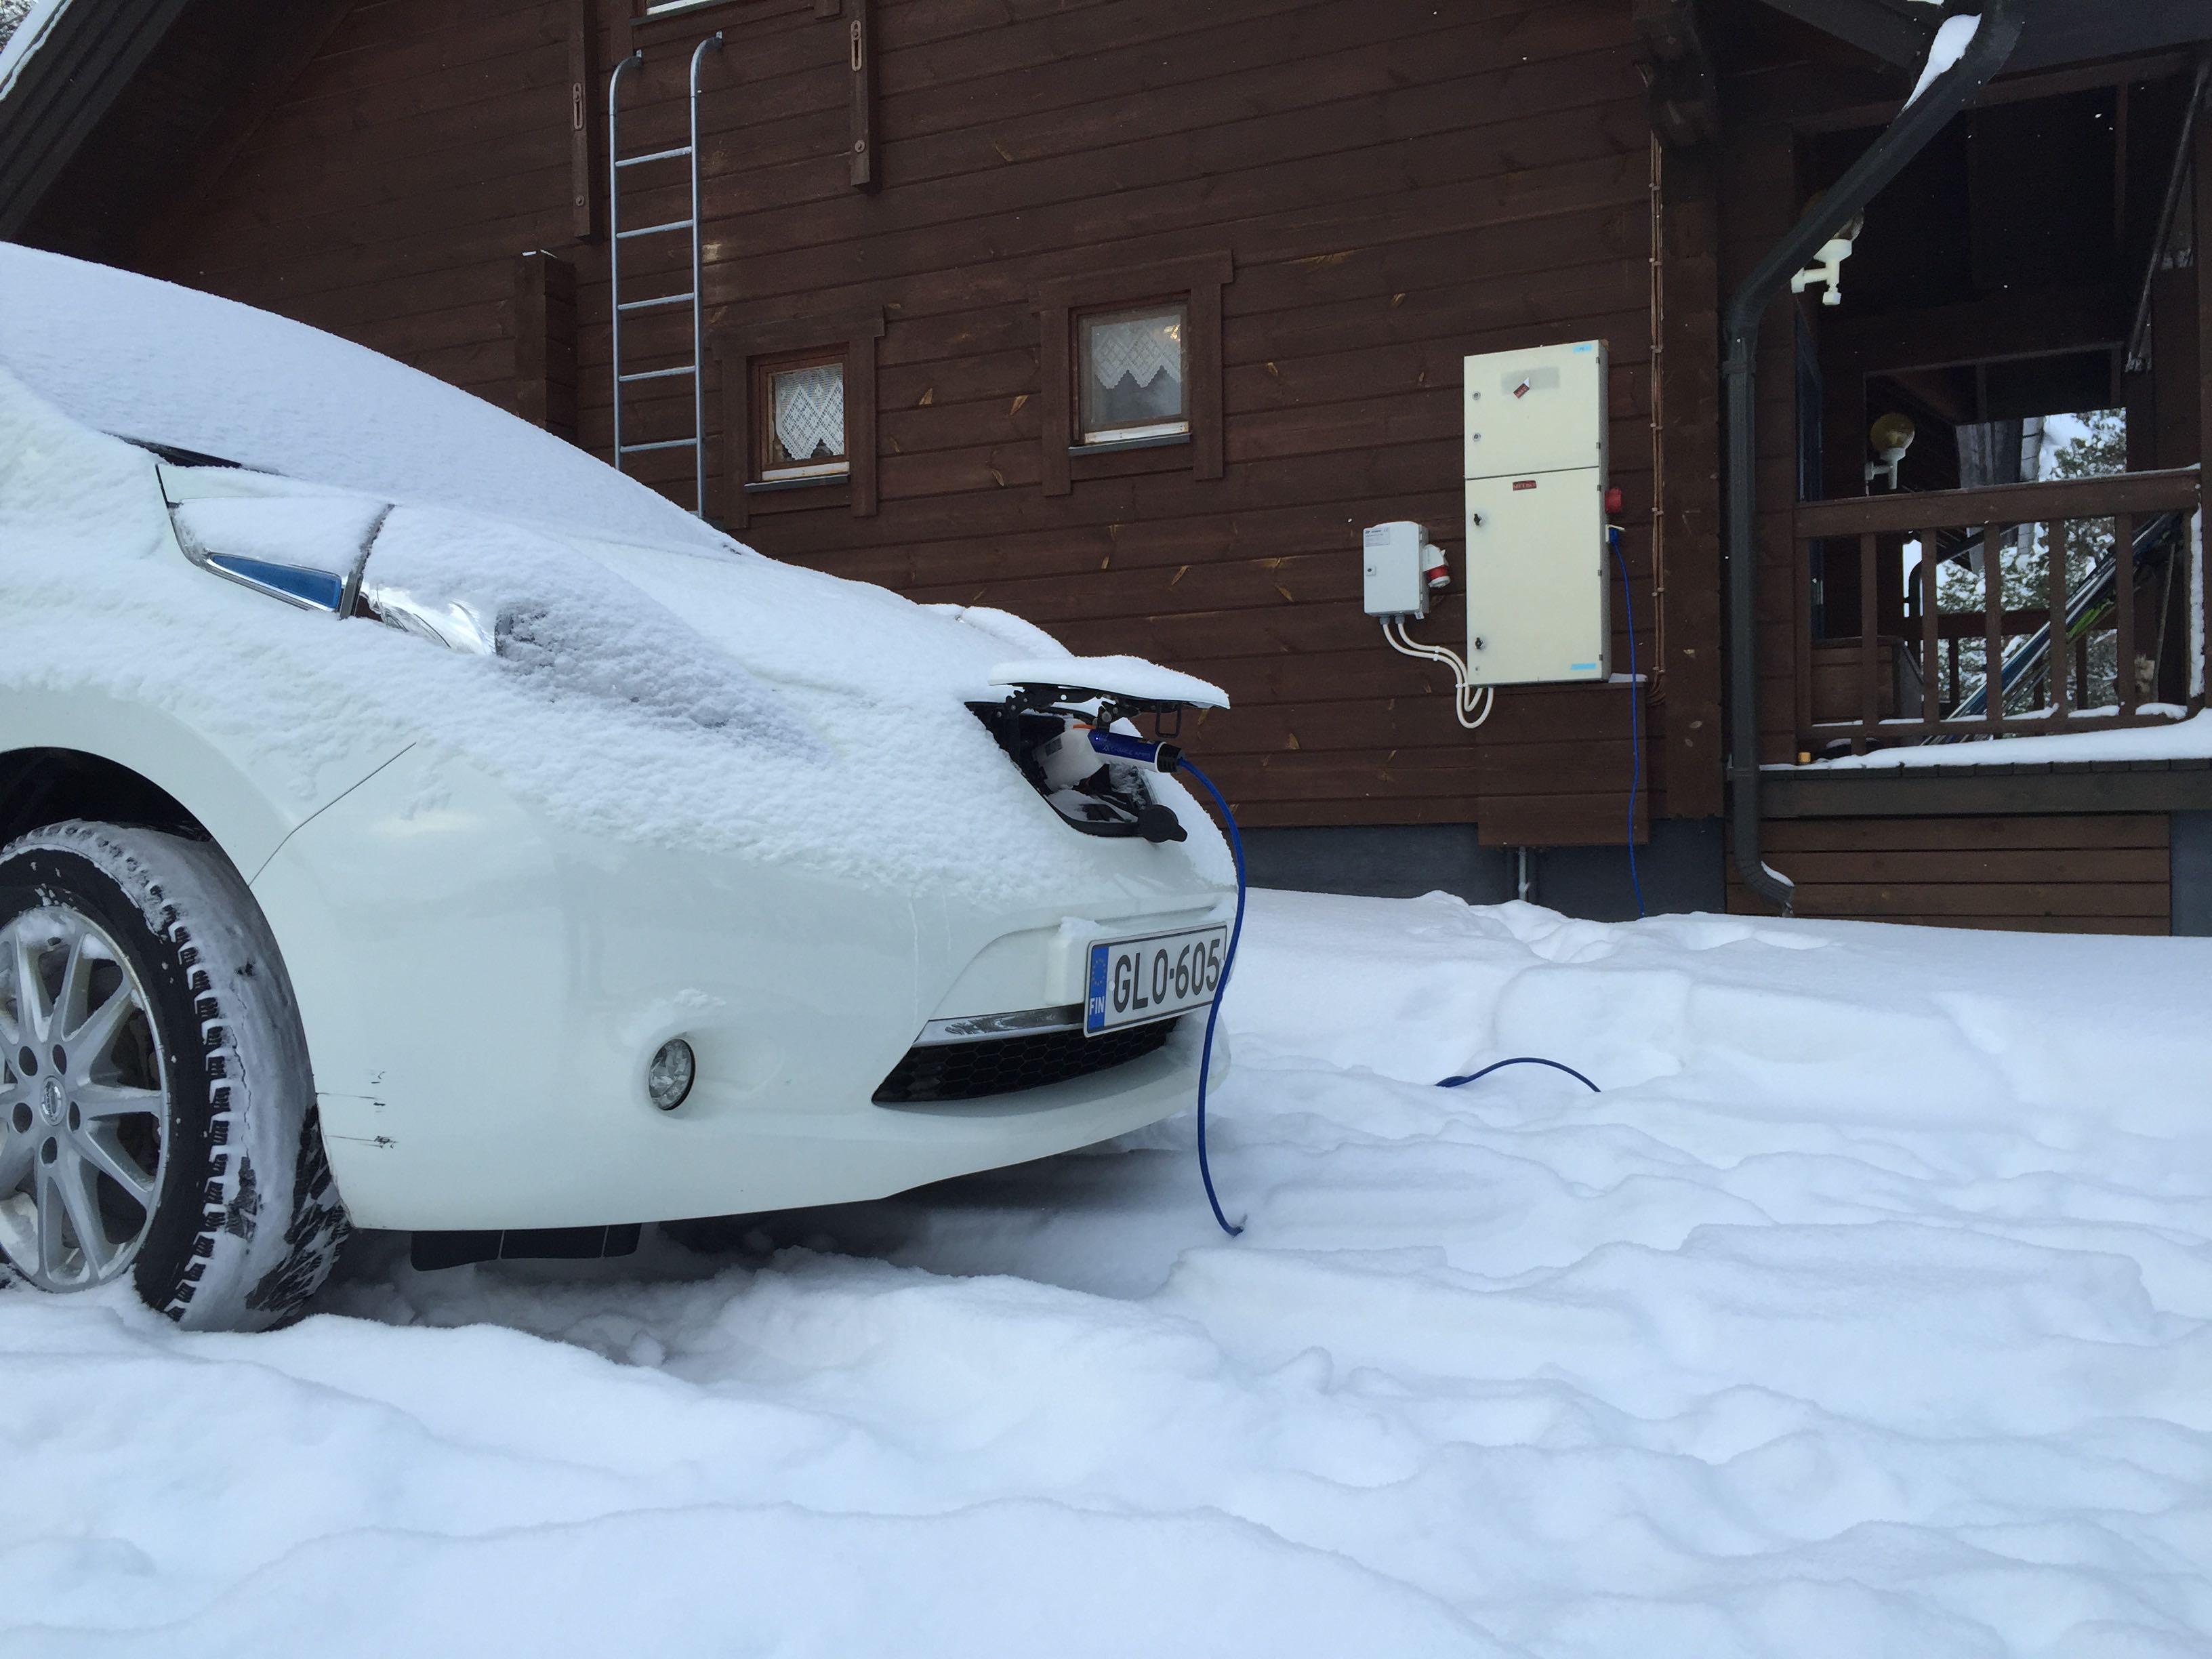 Suurempi akku sähköautossa -pienempi latausteho kotona riittää!